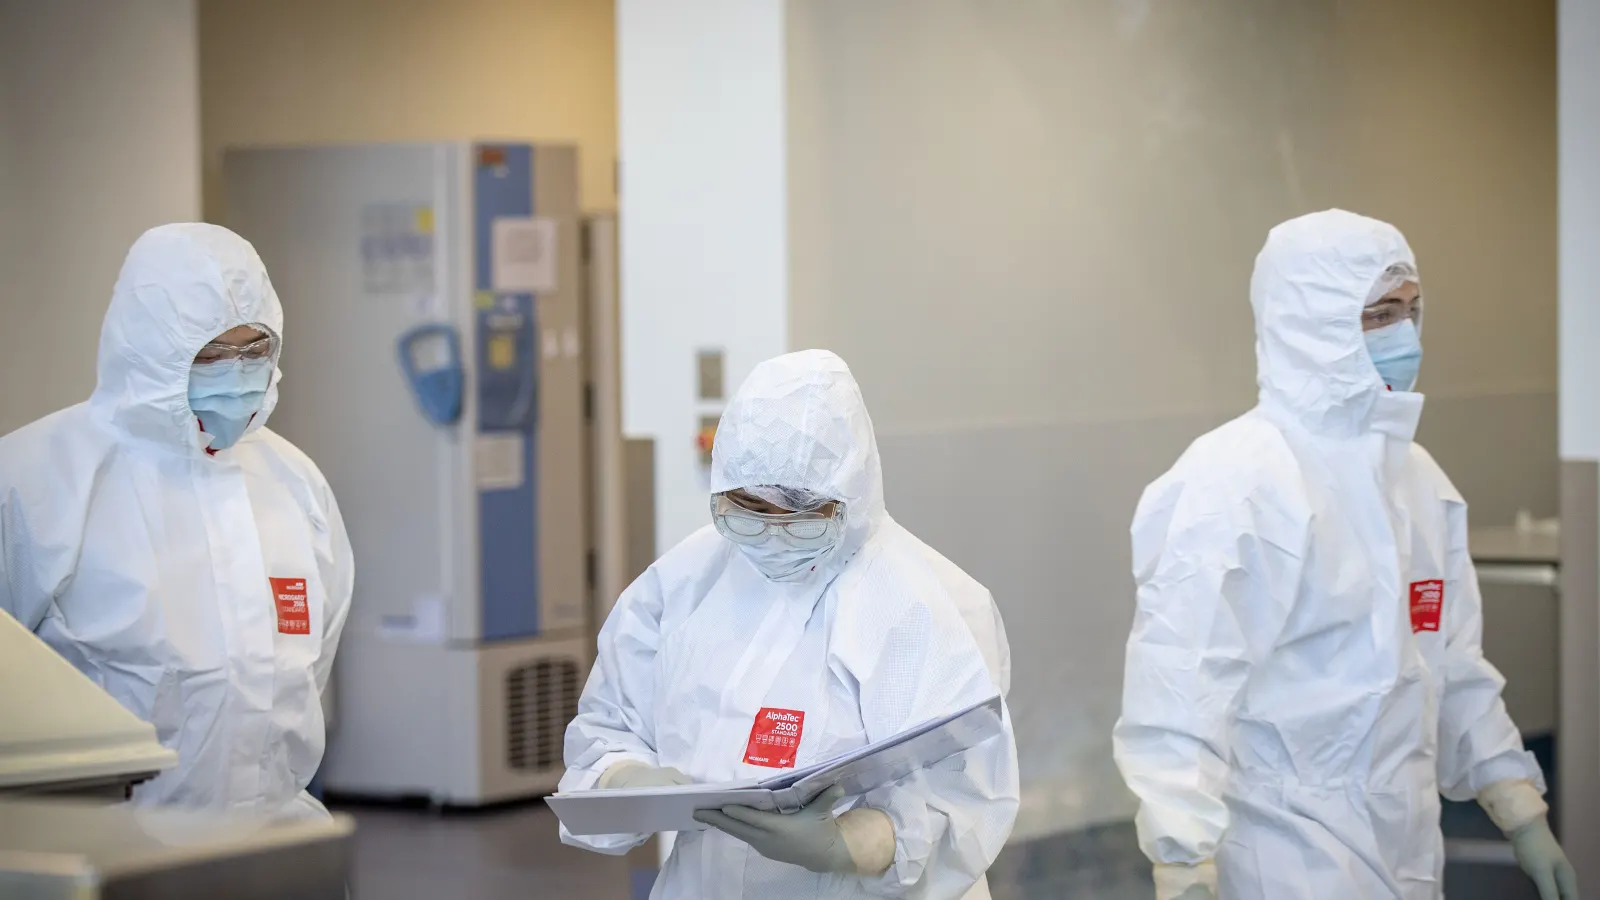 澳洲烧了50亿元的国产疫苗,失败了!艾滋检测呈阳性,全面叫停